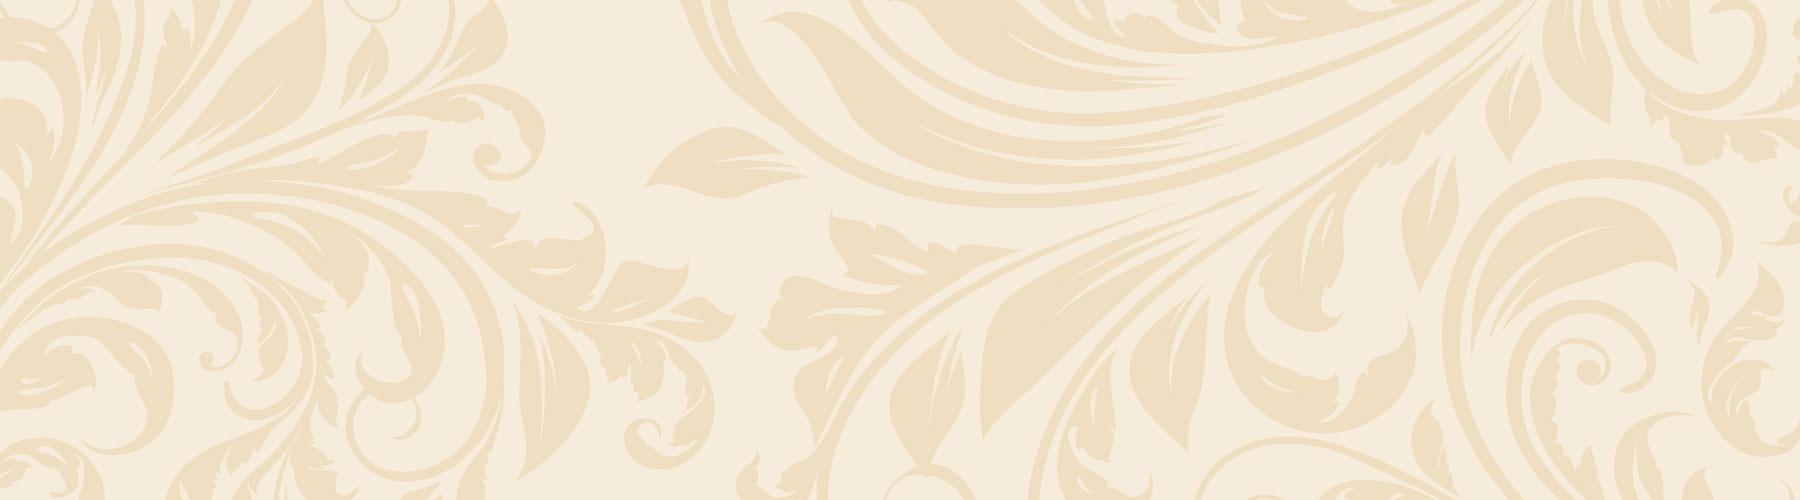 floral_pattern_slider02